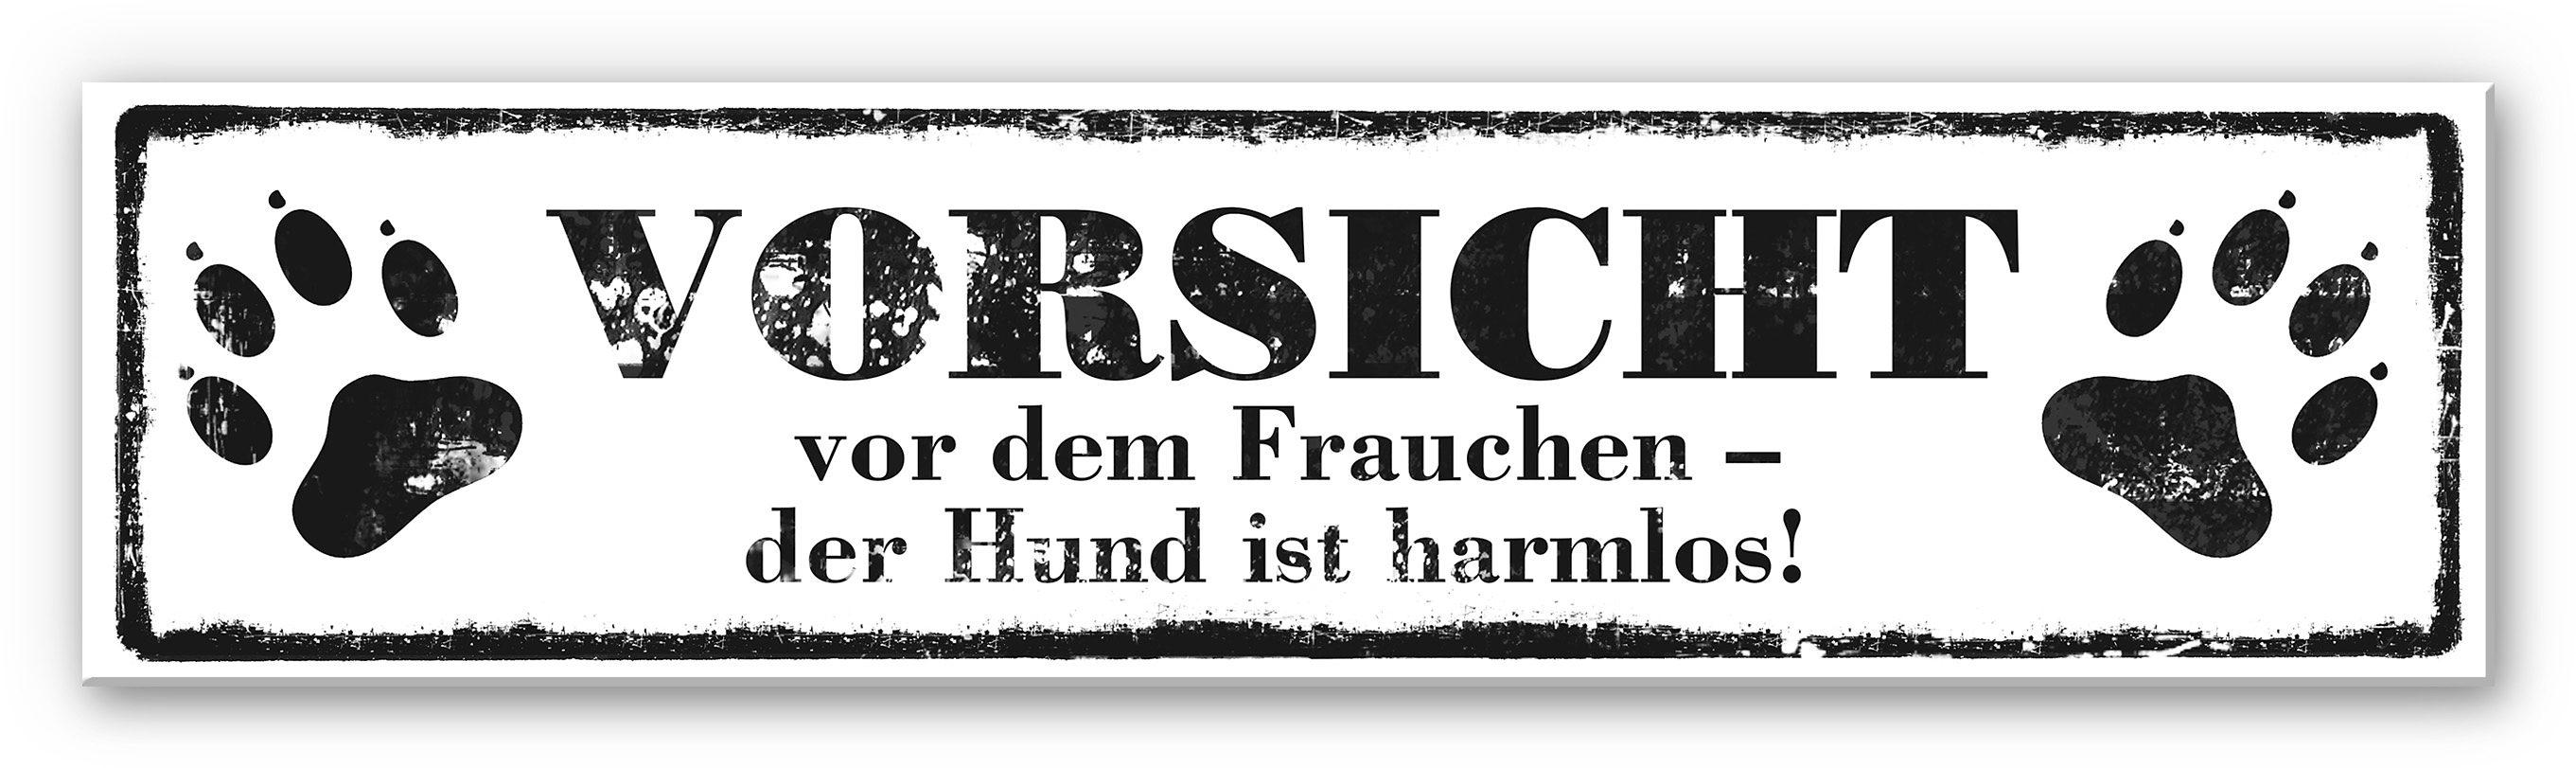 Home affaire Hartschaum Wandbild «Vorsicht vor dem Frauchen«, 40/10 cm